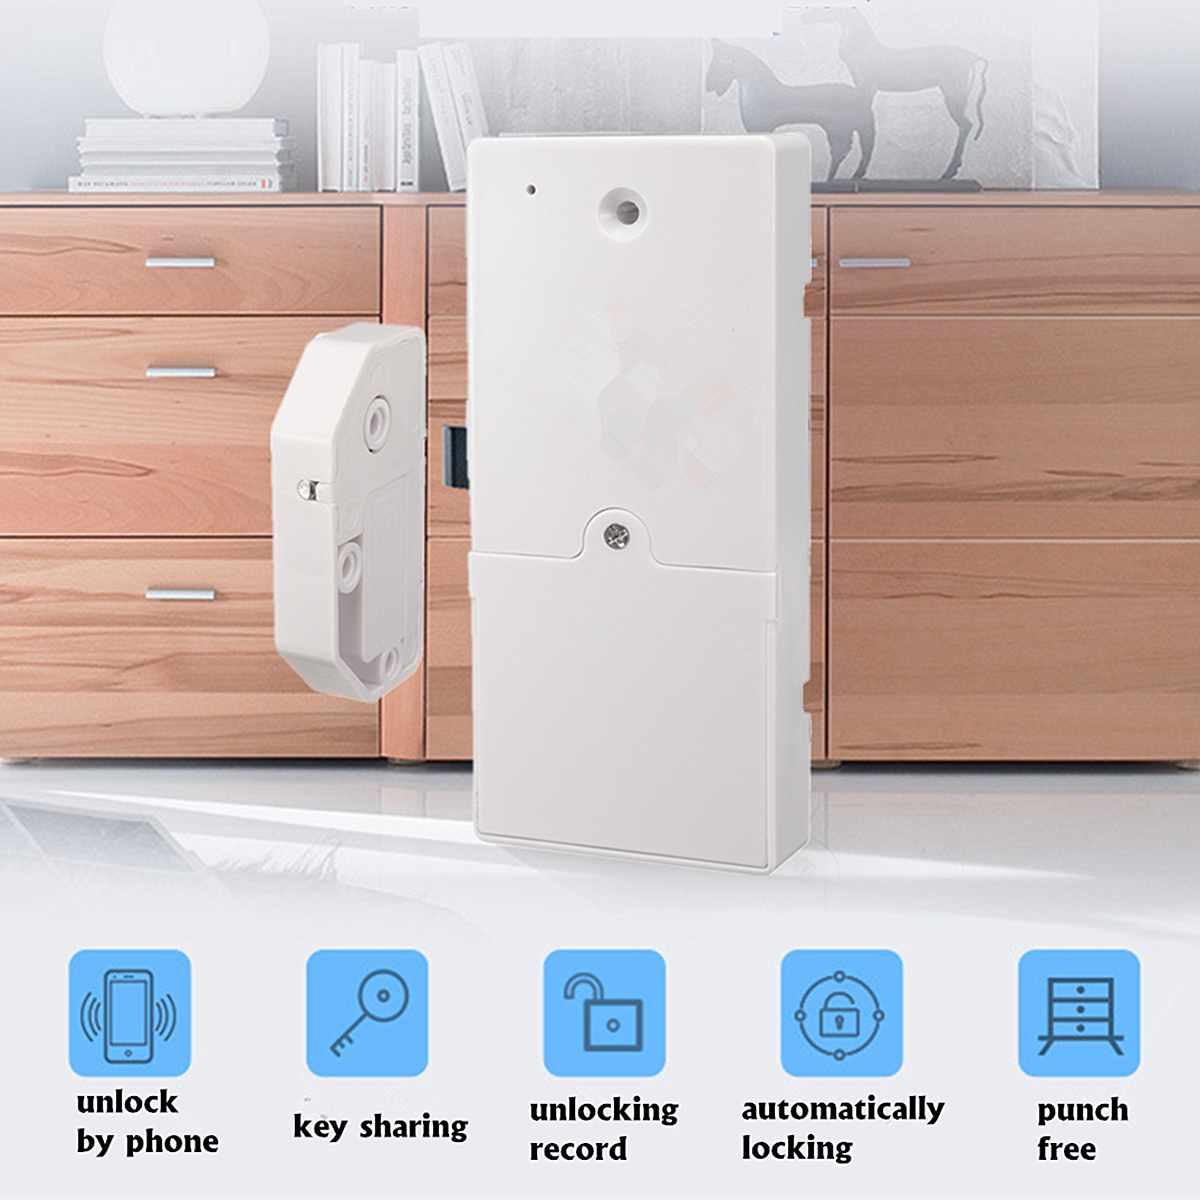 Умный электронный ящик, дверной замок, цифровой автоматический шкафчик сейф, контрольные принадлежности доступа, товары для домашней безопасности офиса